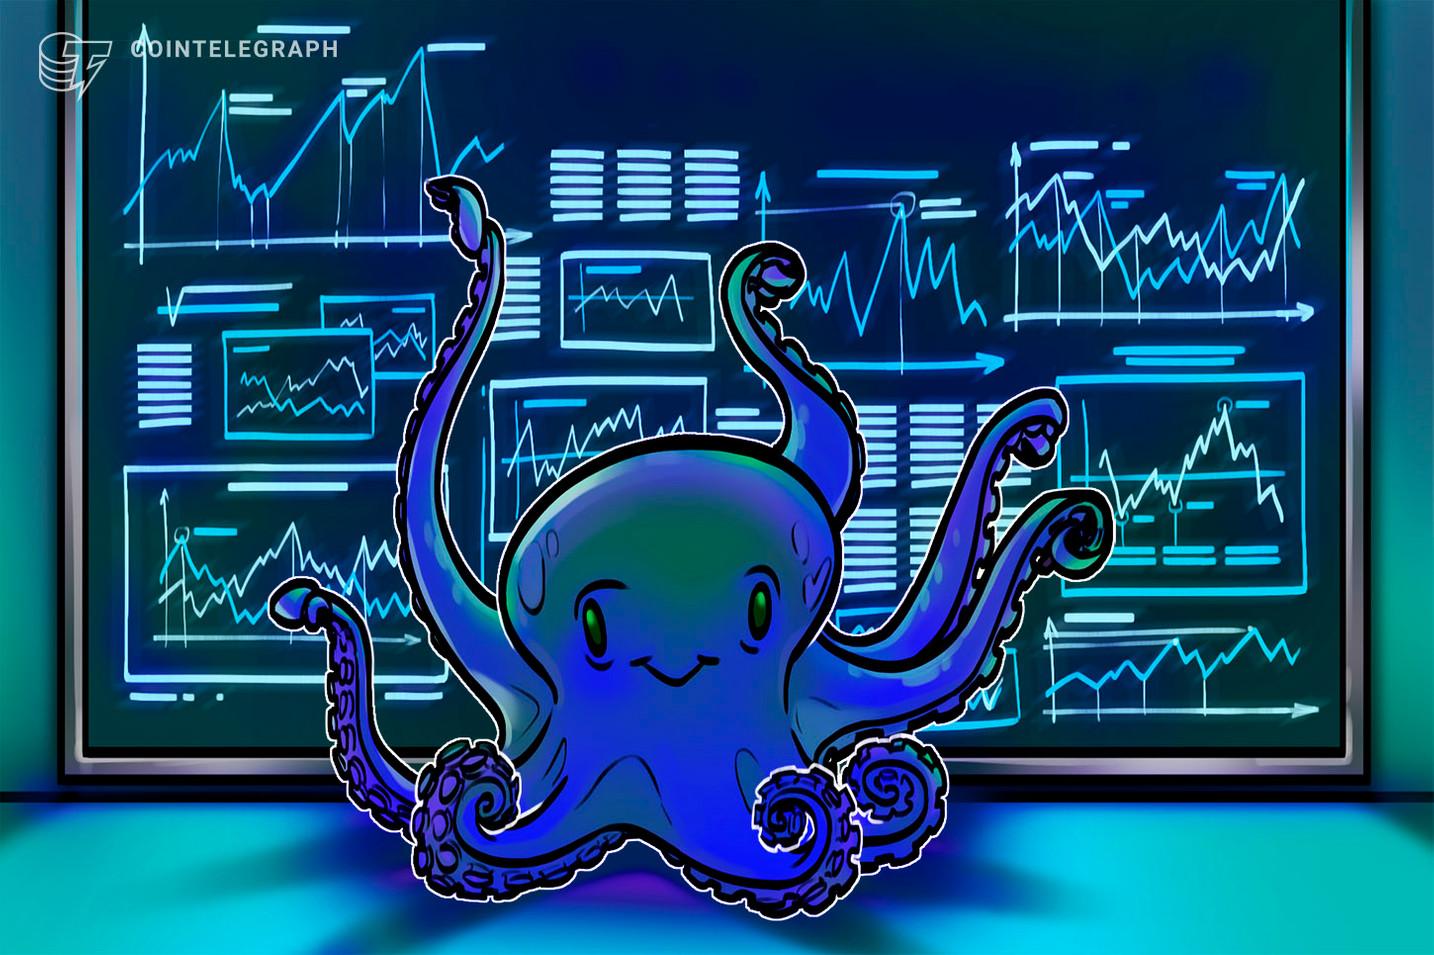 El precio del boom: Las empresas de criptomonedas se valoran en miles de millones con el auge del mercado